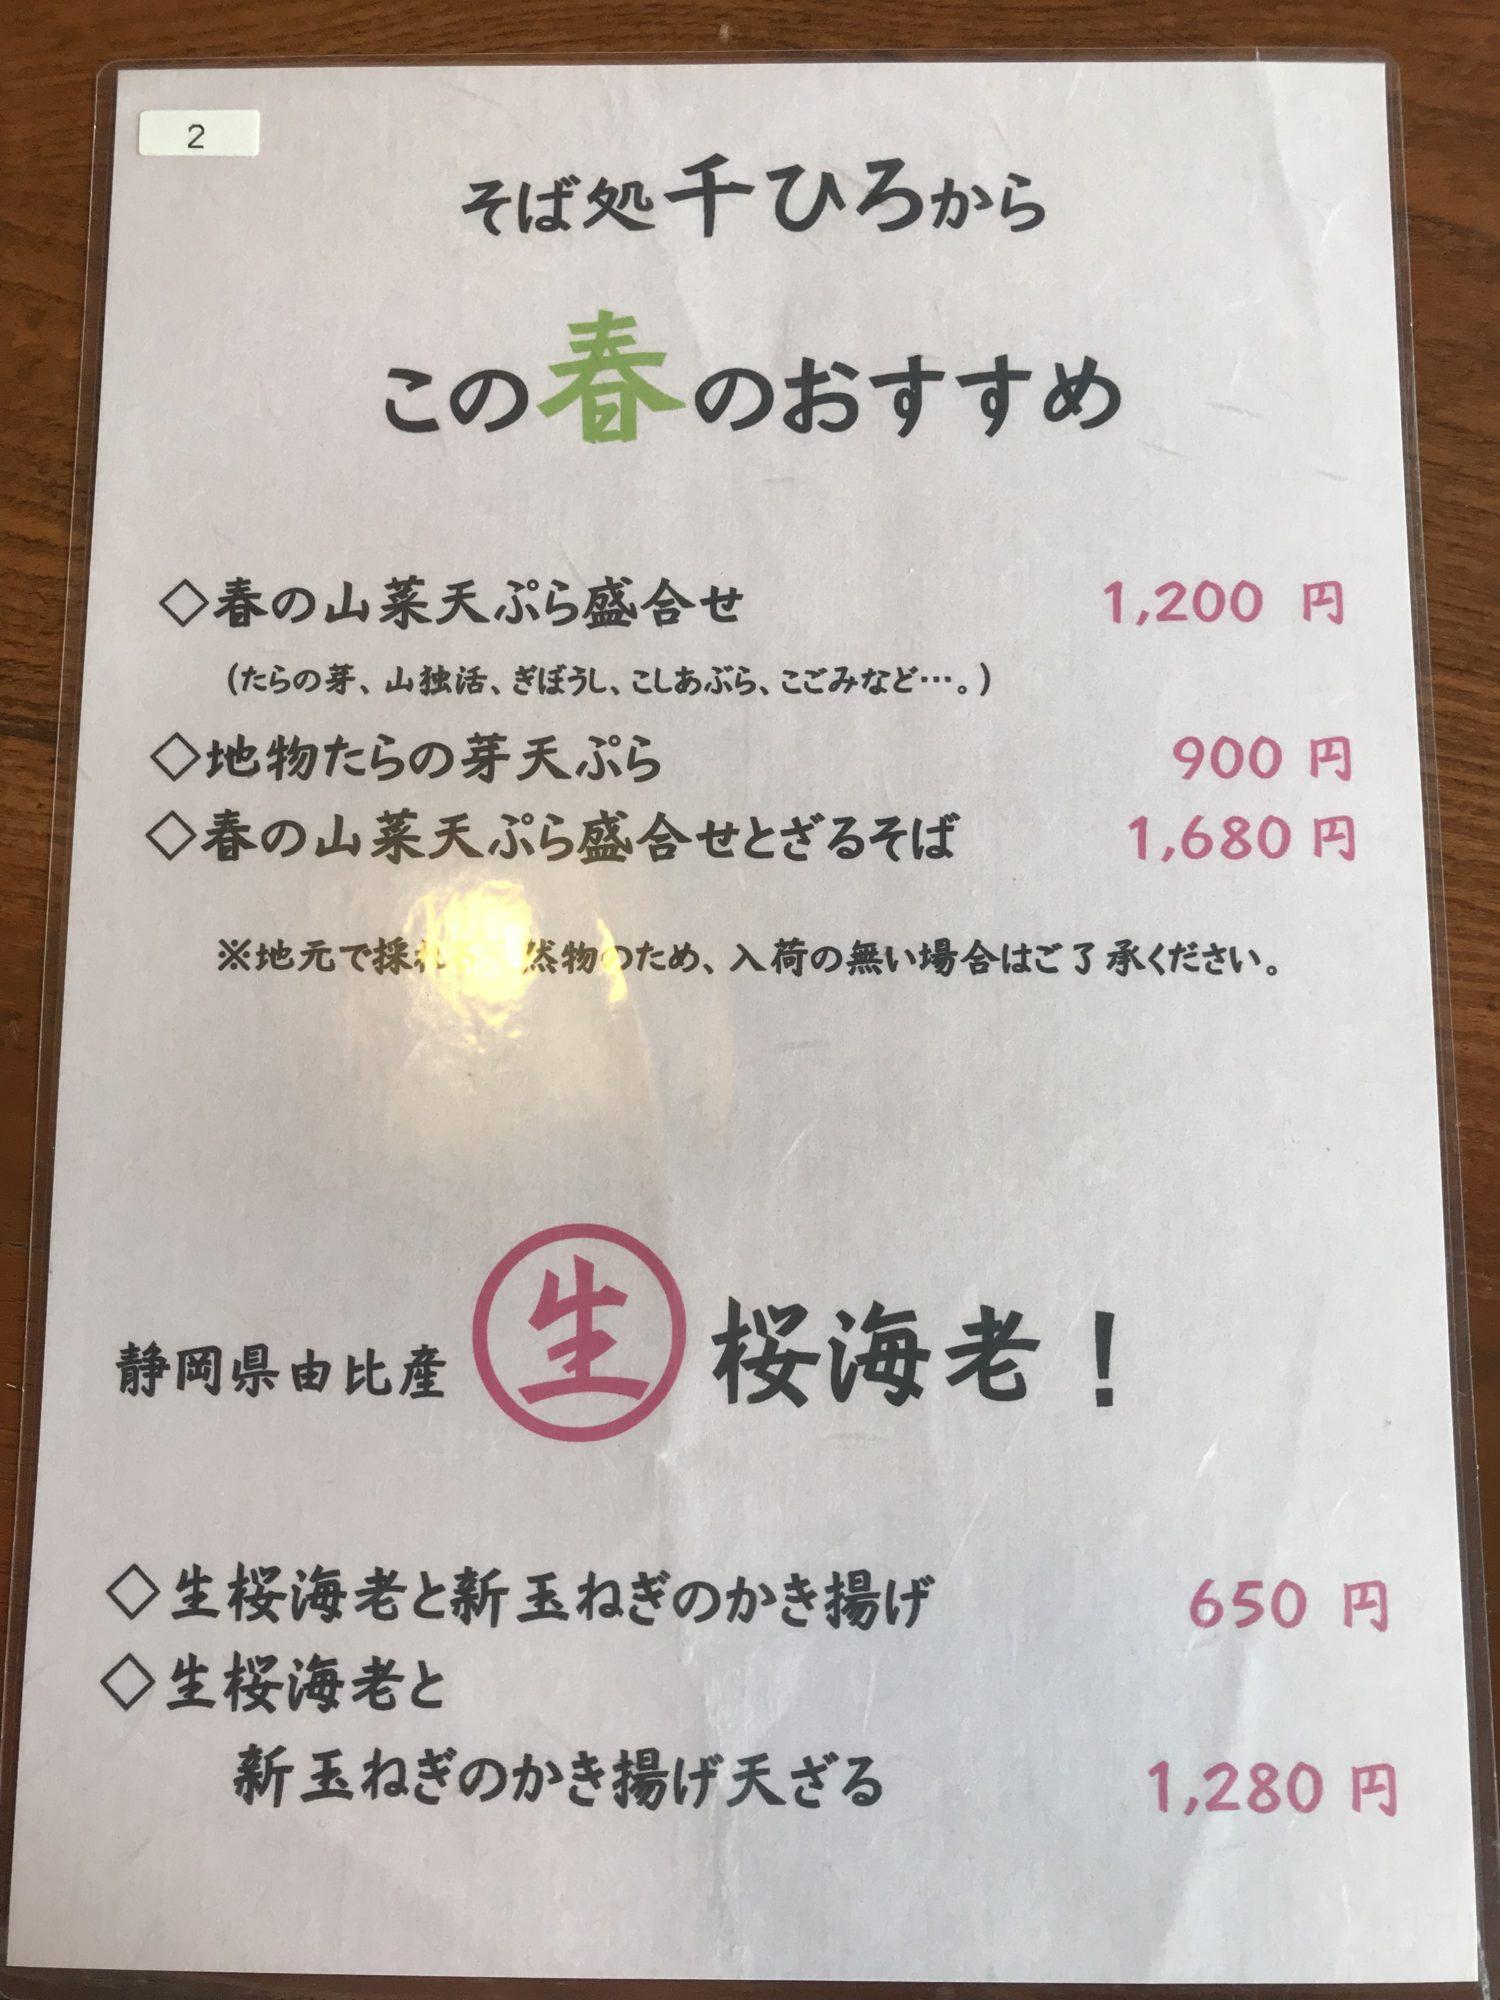 おすすめは天ぷら